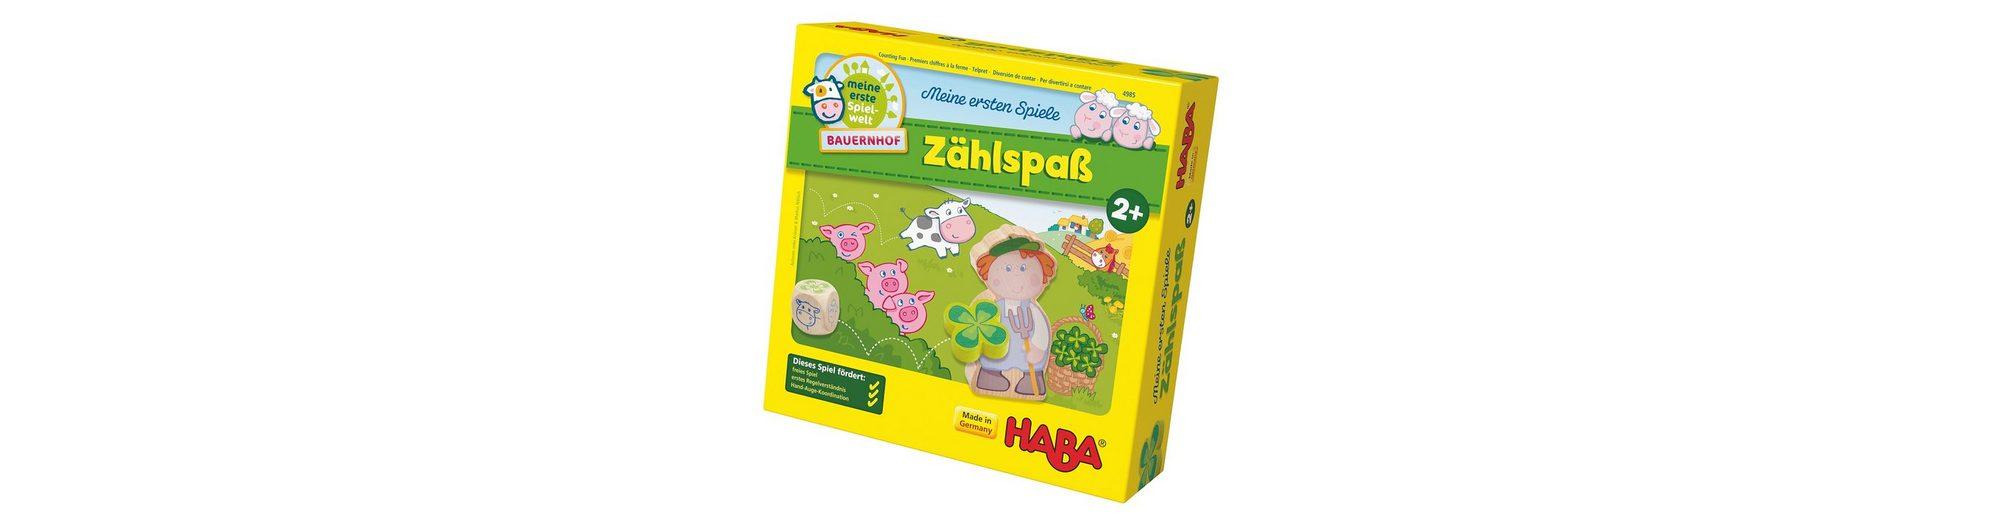 HABA® Kinder-Spiel, »Meine ersten Spiele - Zählspaß«